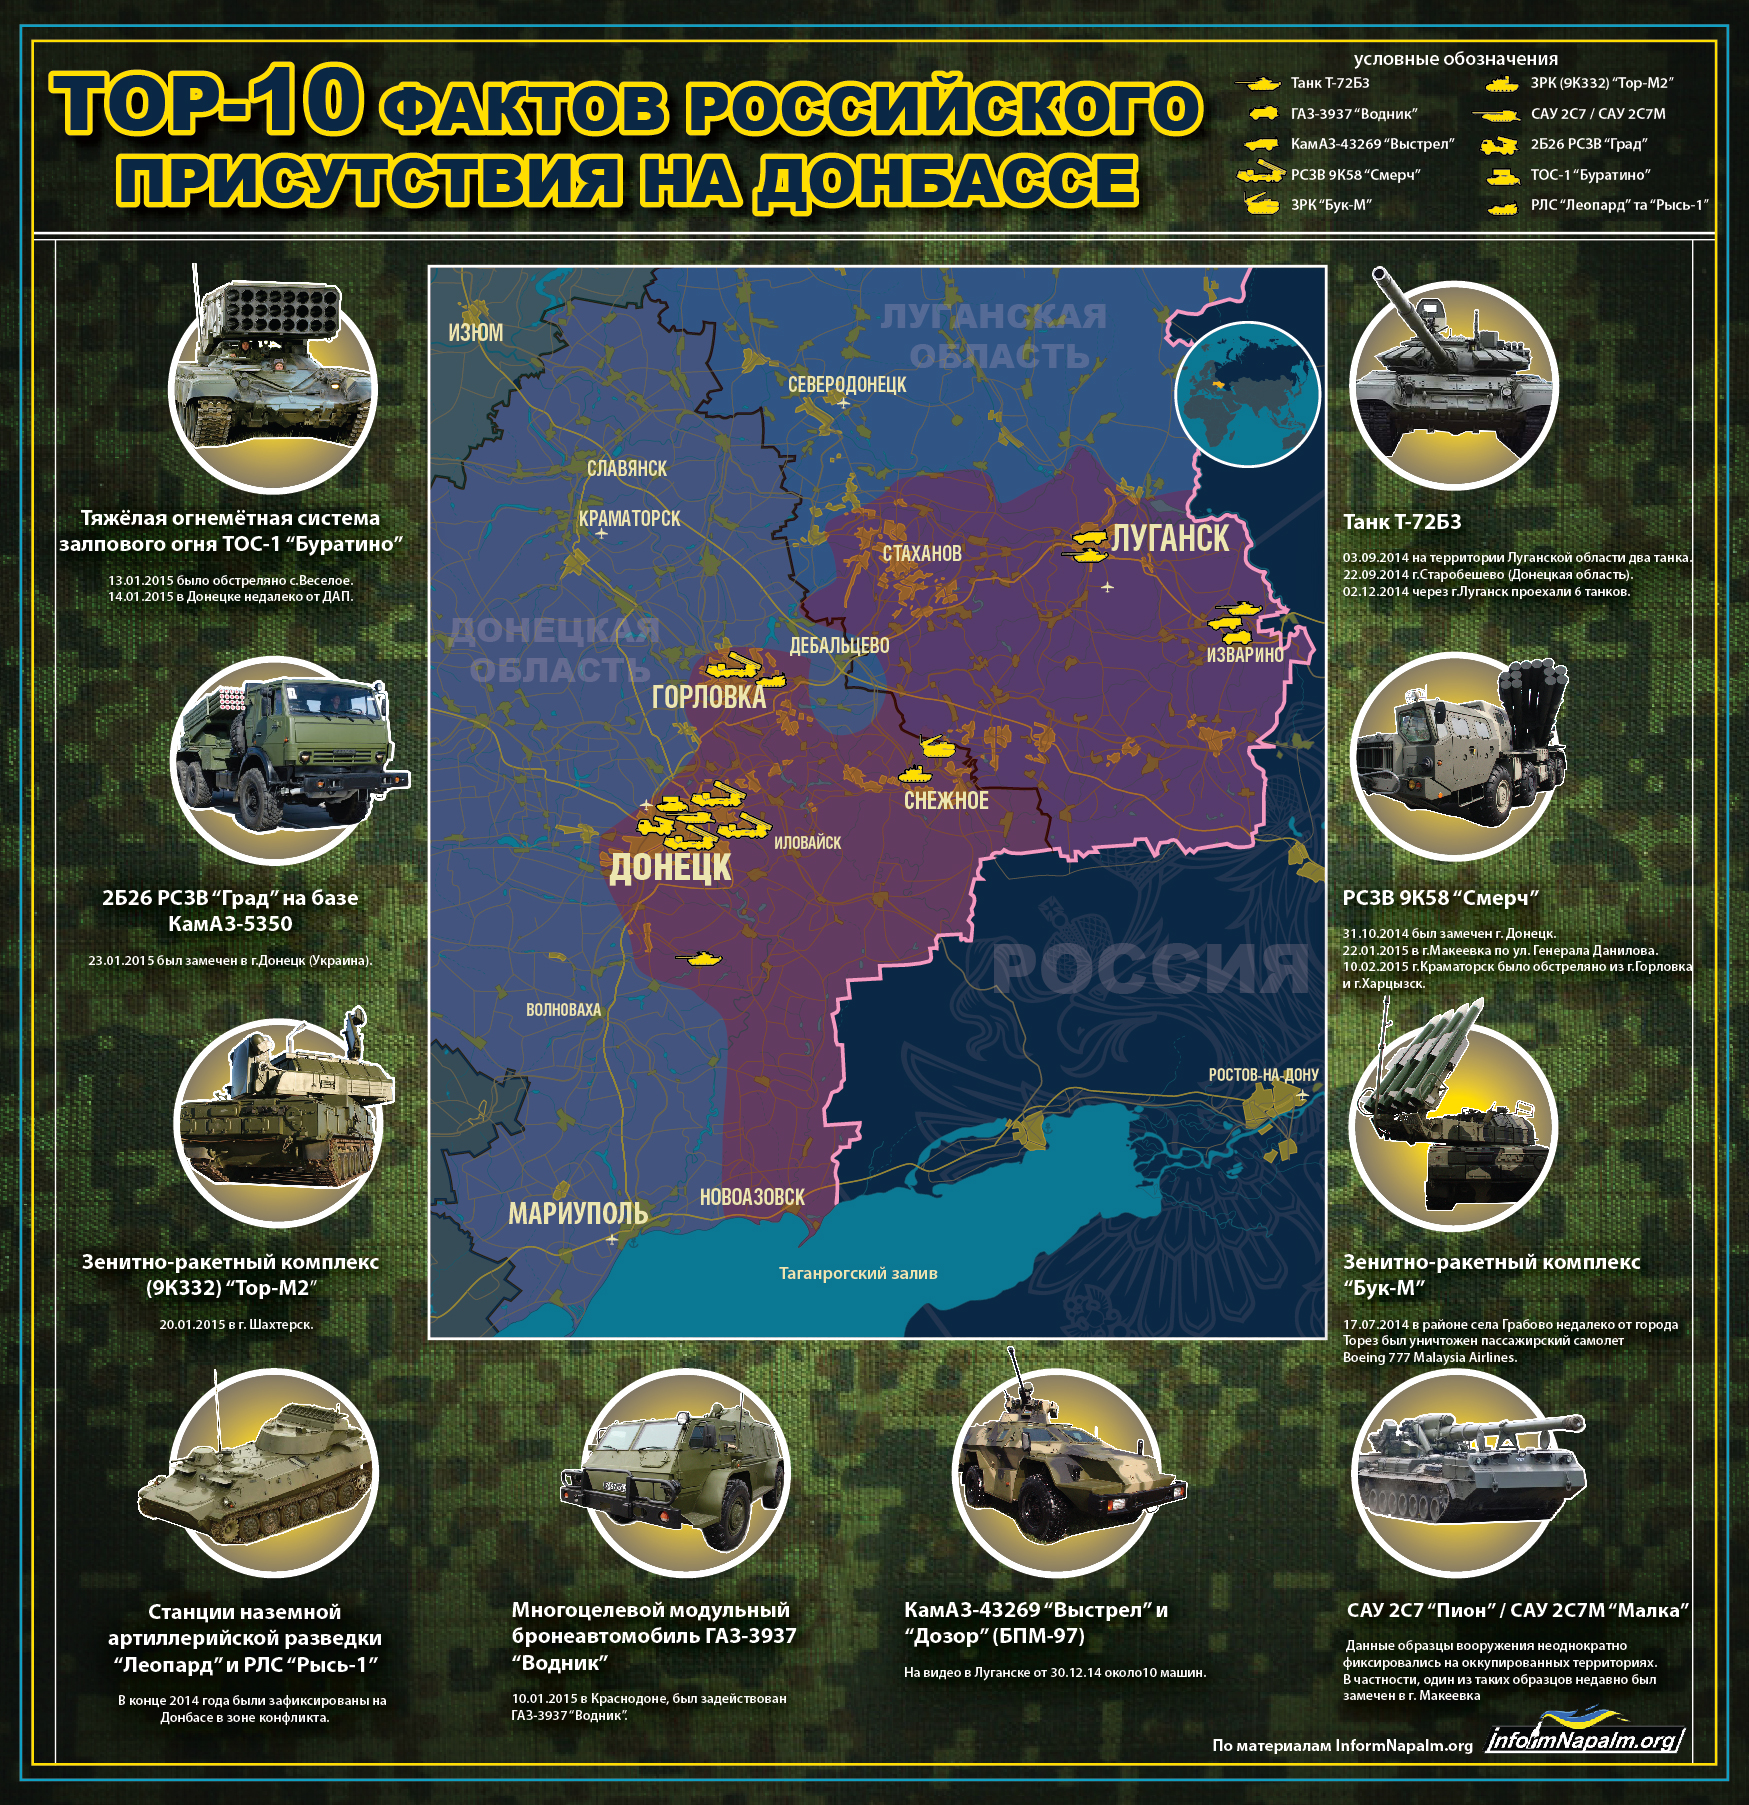 РФ не способна сыграть конструктивную роль в процессе сирийского урегулирования: Кремль последовательно создает зоны нестабильности, - МИД - Цензор.НЕТ 8779